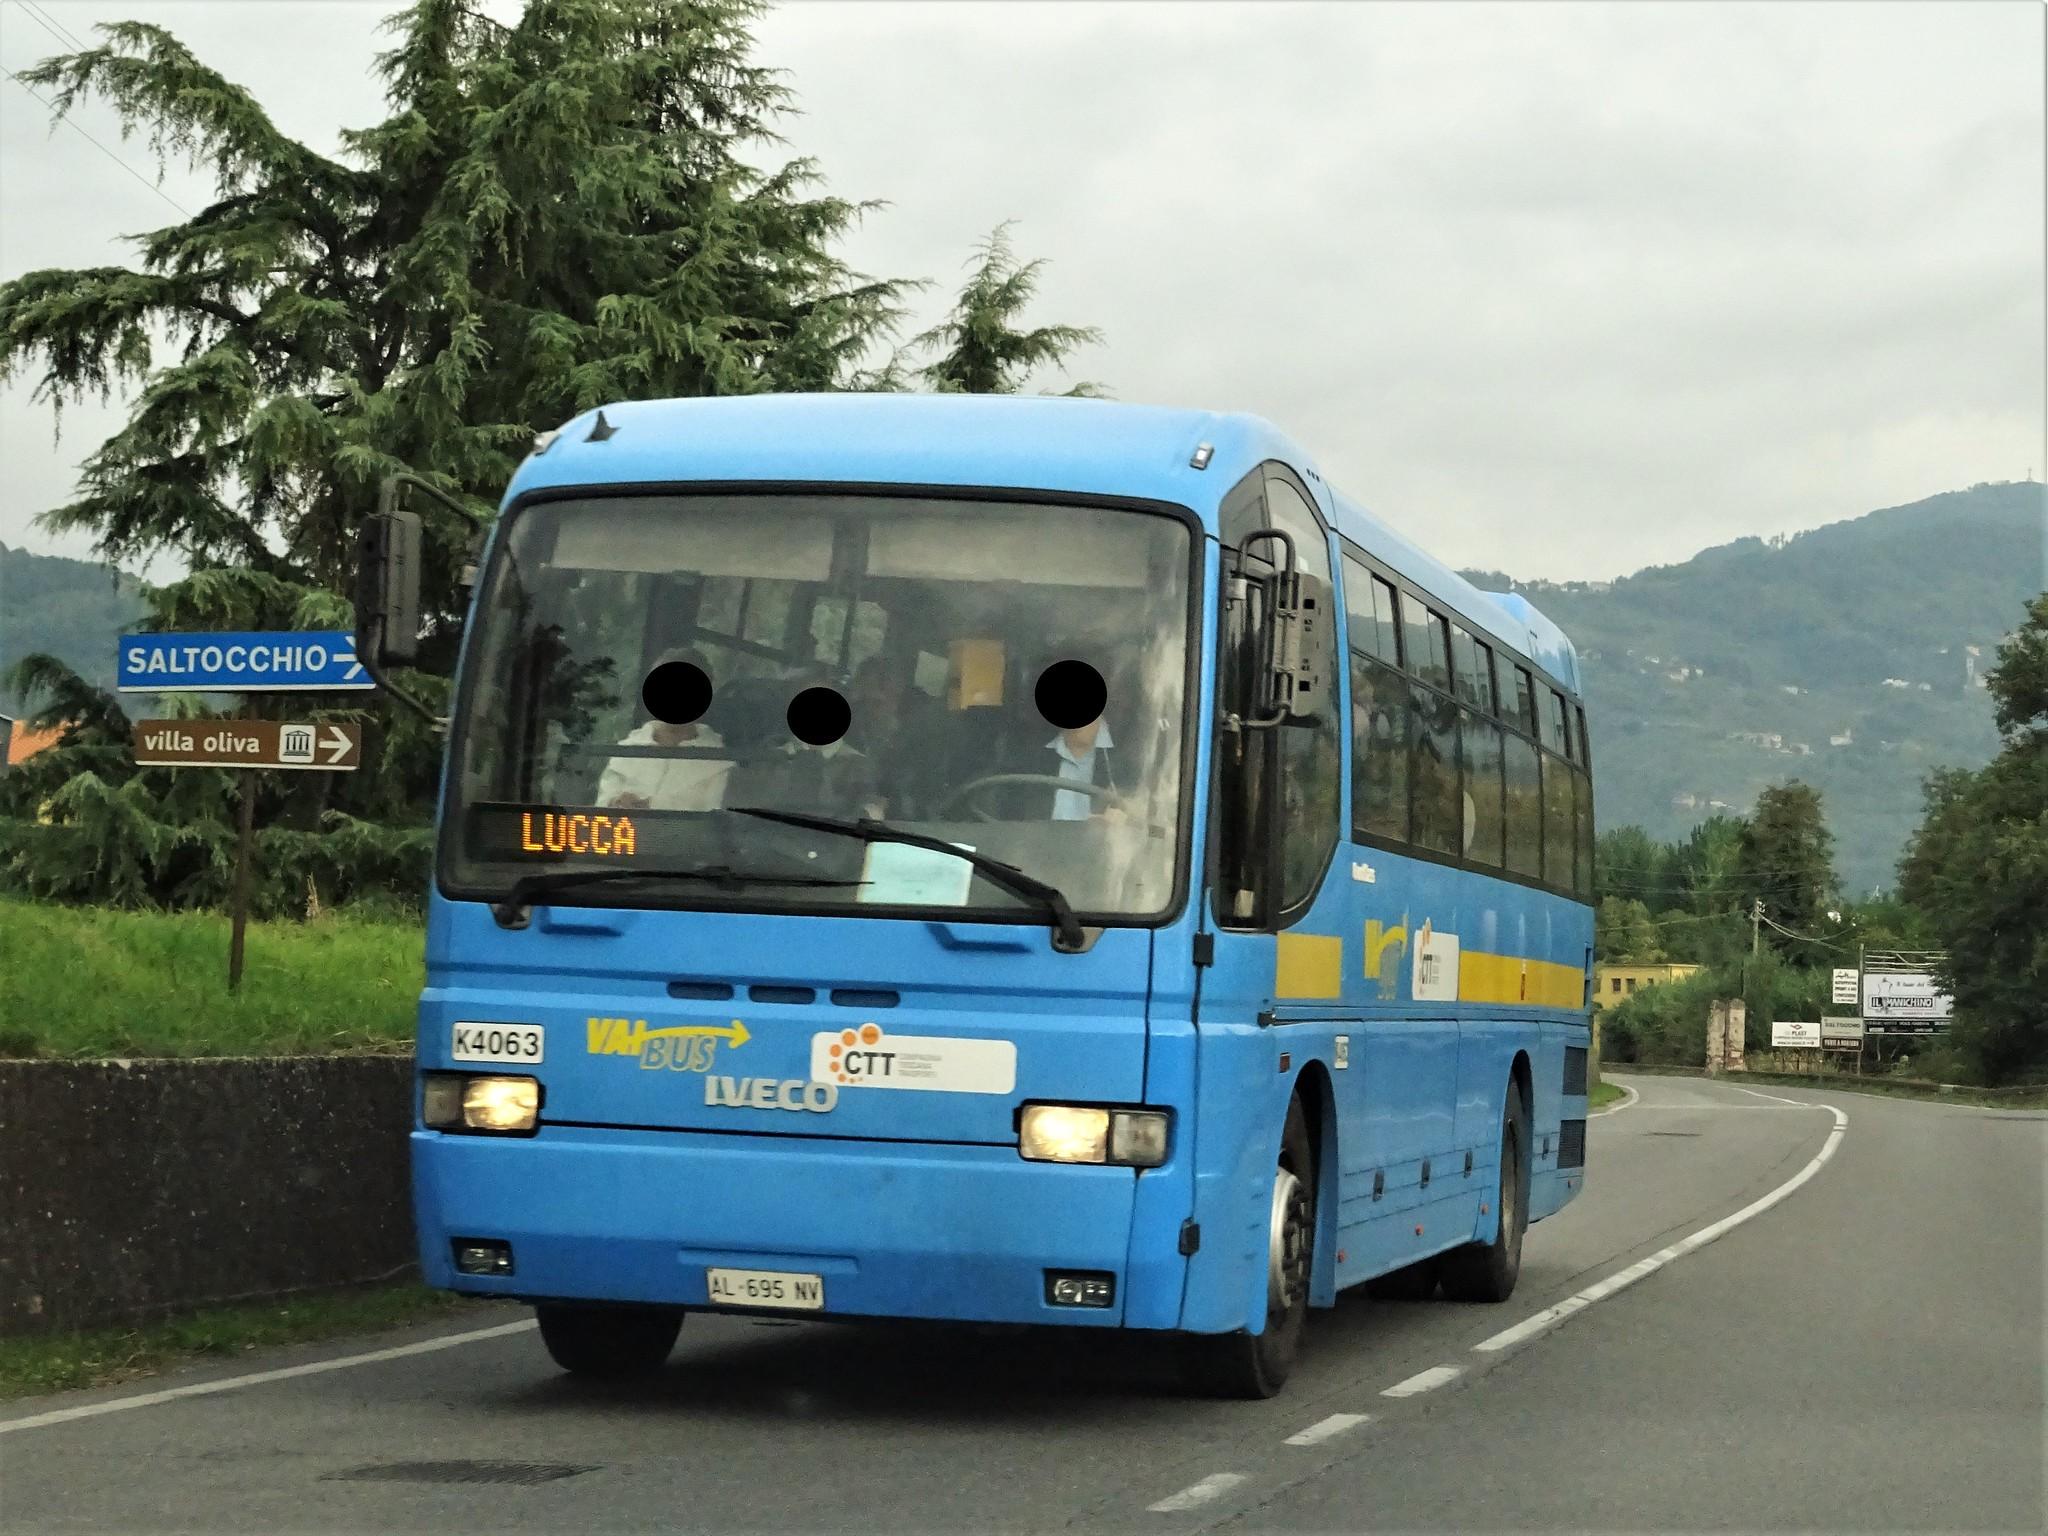 come raggiungere lucca da napoli in autobus